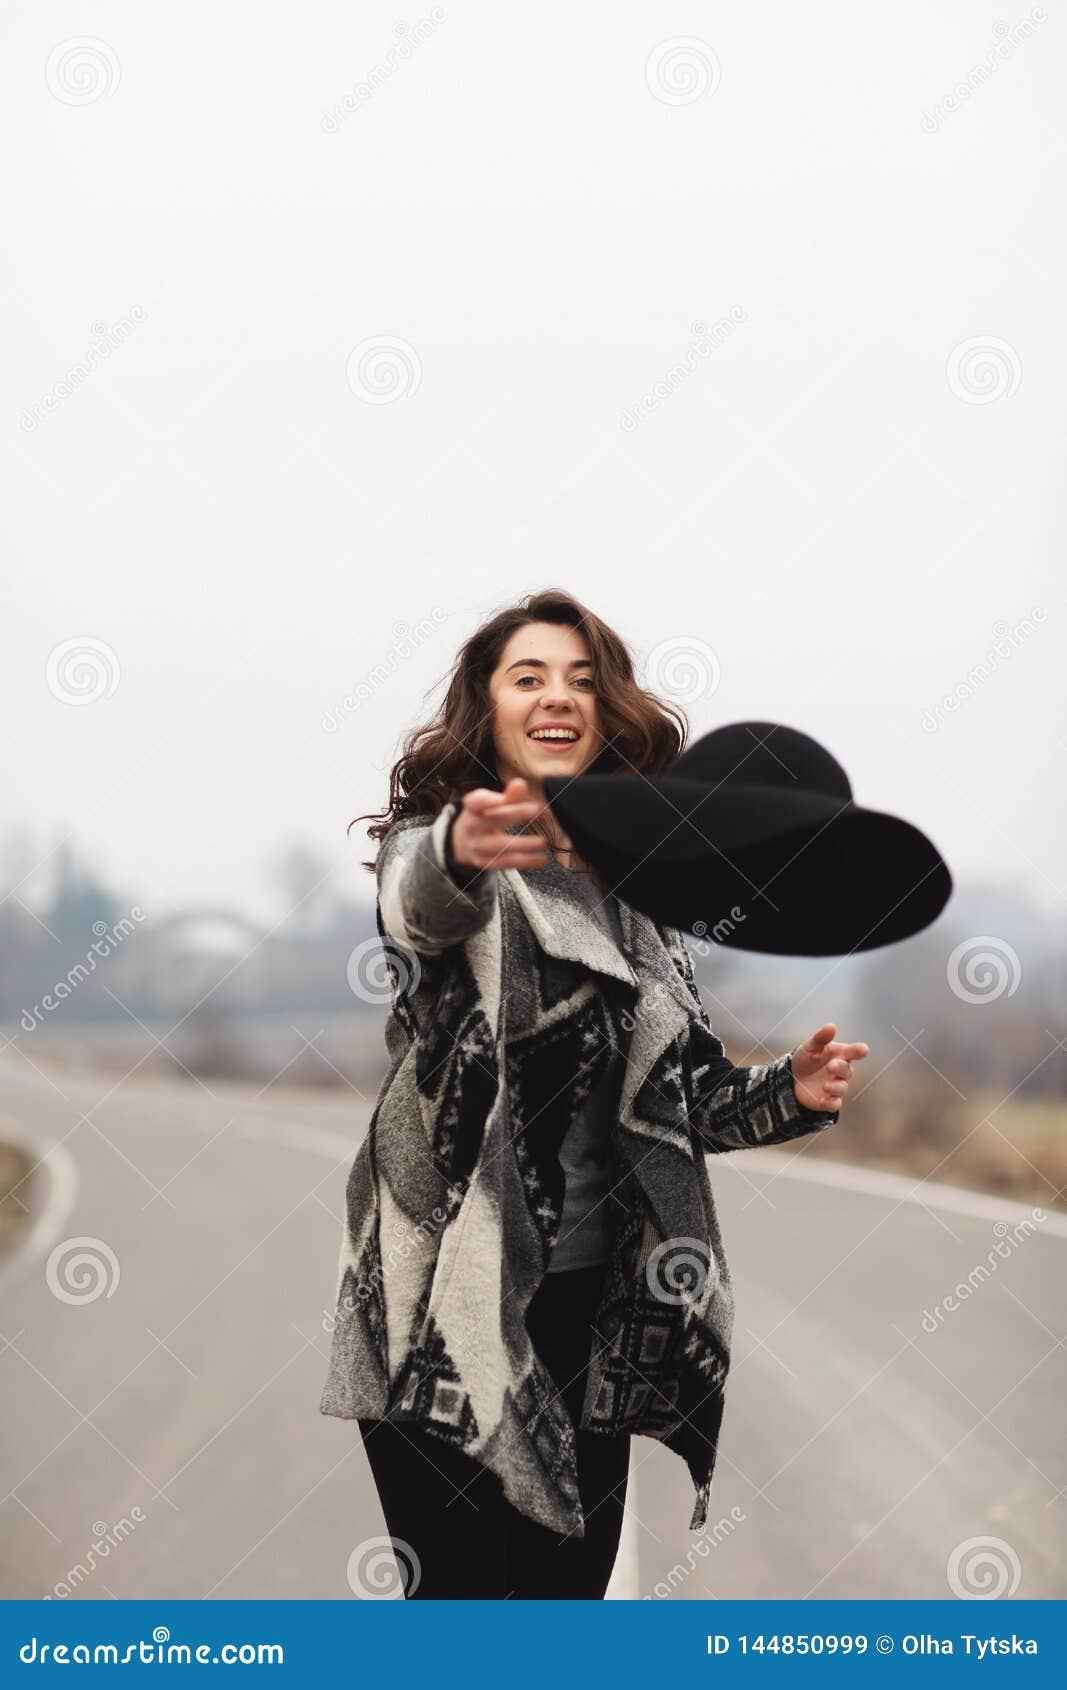 Ευτυχής γυναίκα στους γύρους όμορφων γκρίζων ζακετών και μαύρων καπέλ